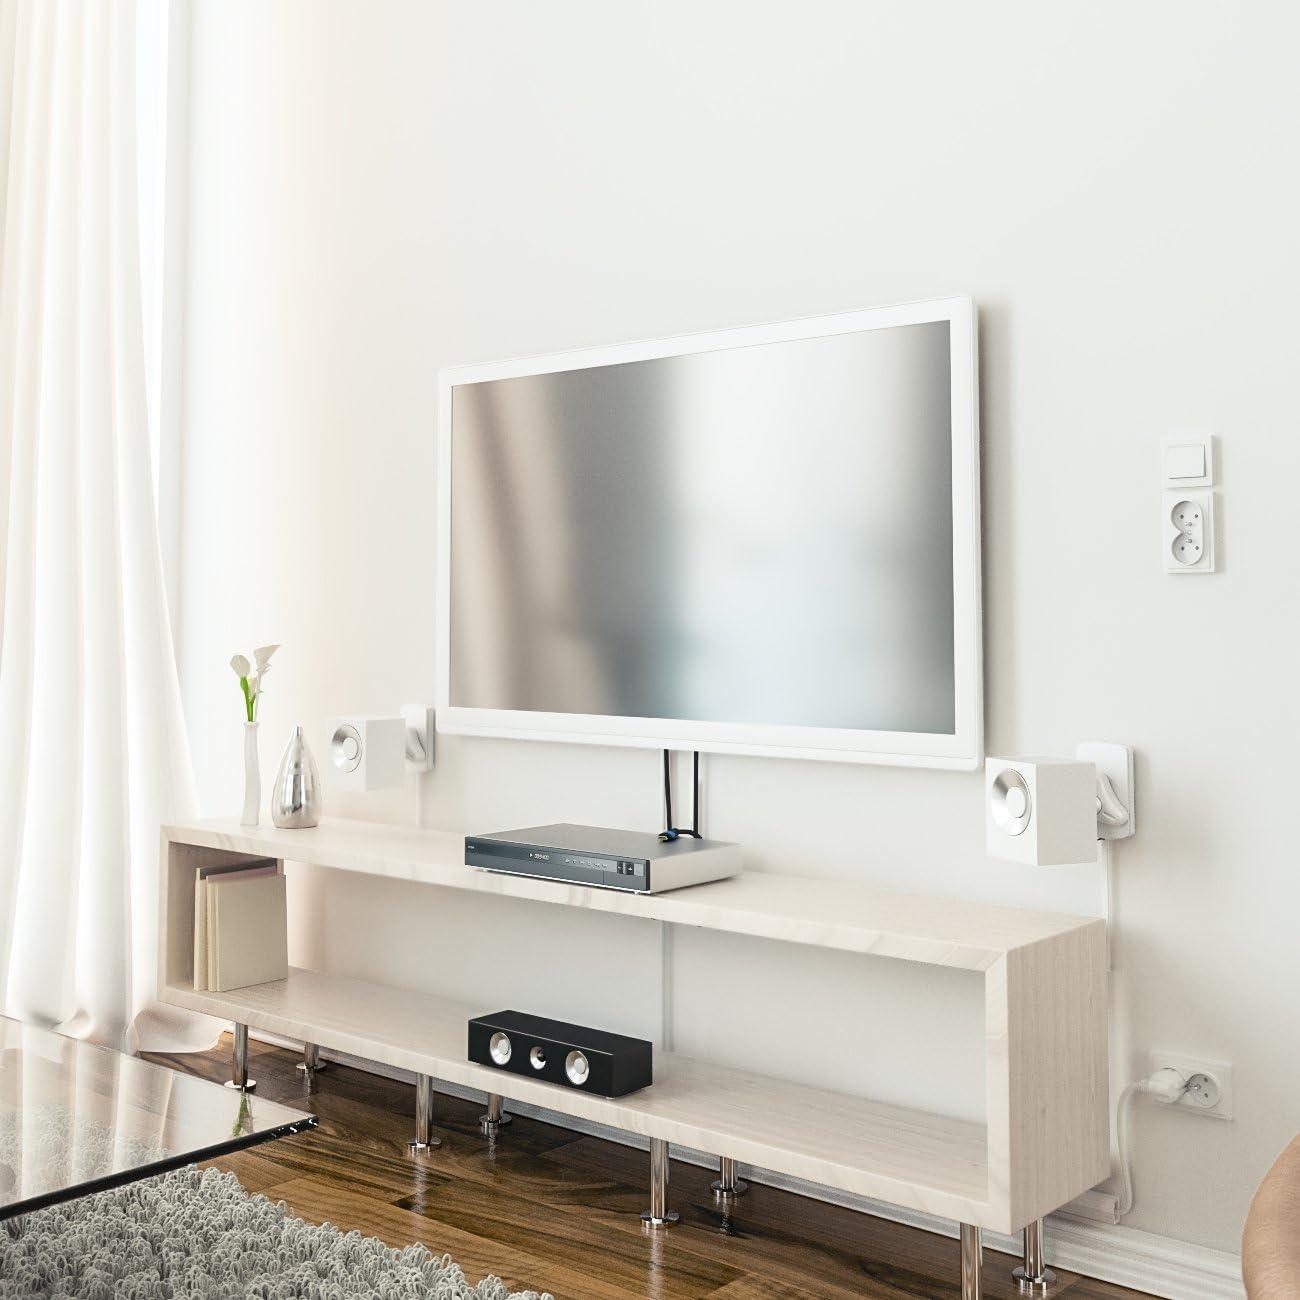 Wandmontage Neigbar bis 10Kg Deckenmontage Schwarz deleyCON 2X Universal Lautsprecher Wandhalterung Set Halterung Boxen Halter Schwenkbar